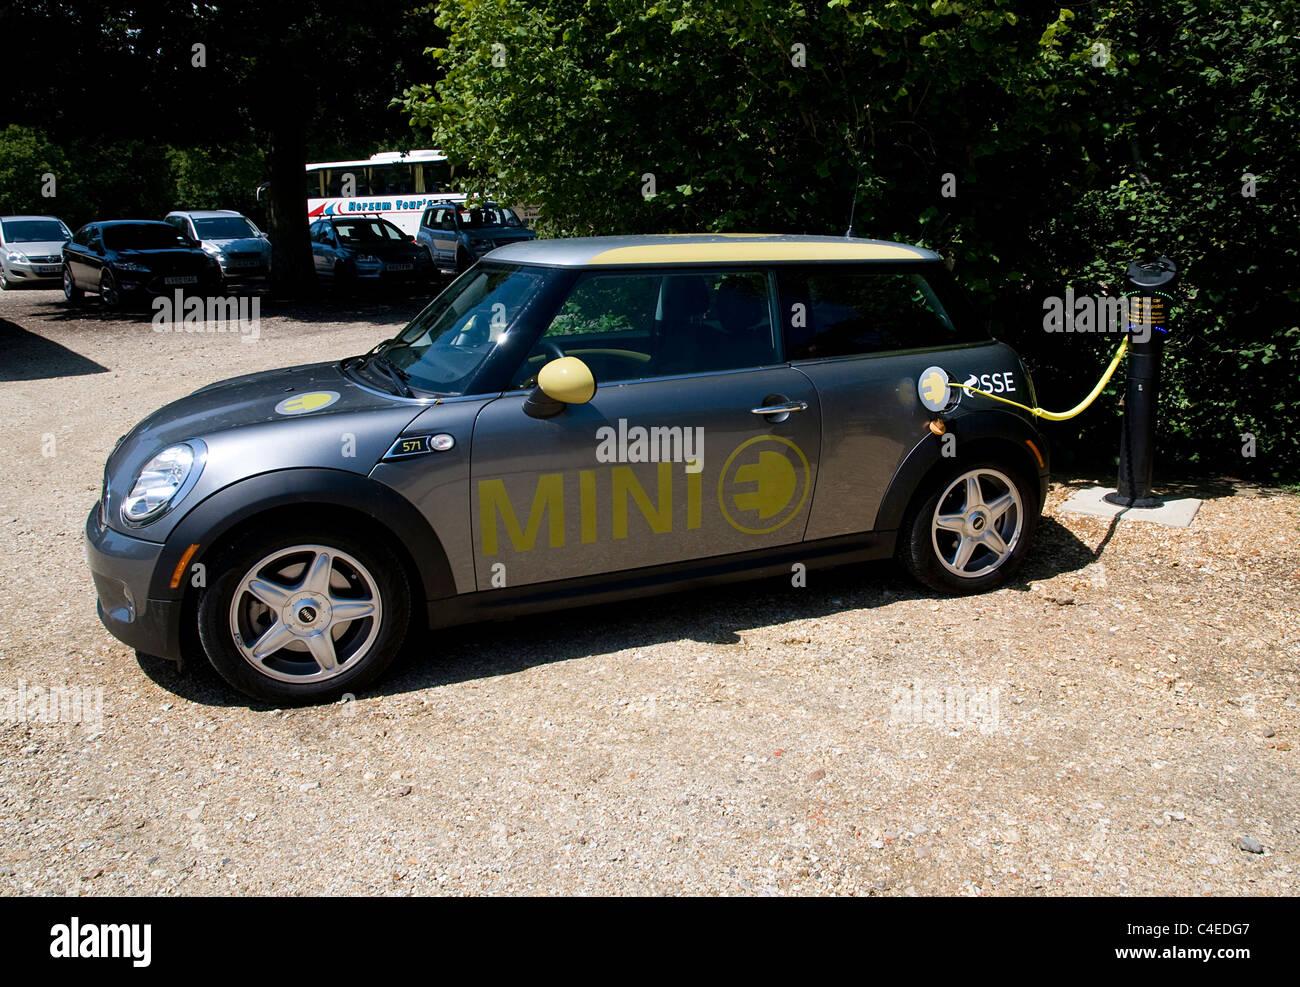 2011 Mini E coche eléctrico en el punto de carga de la batería Imagen De Stock